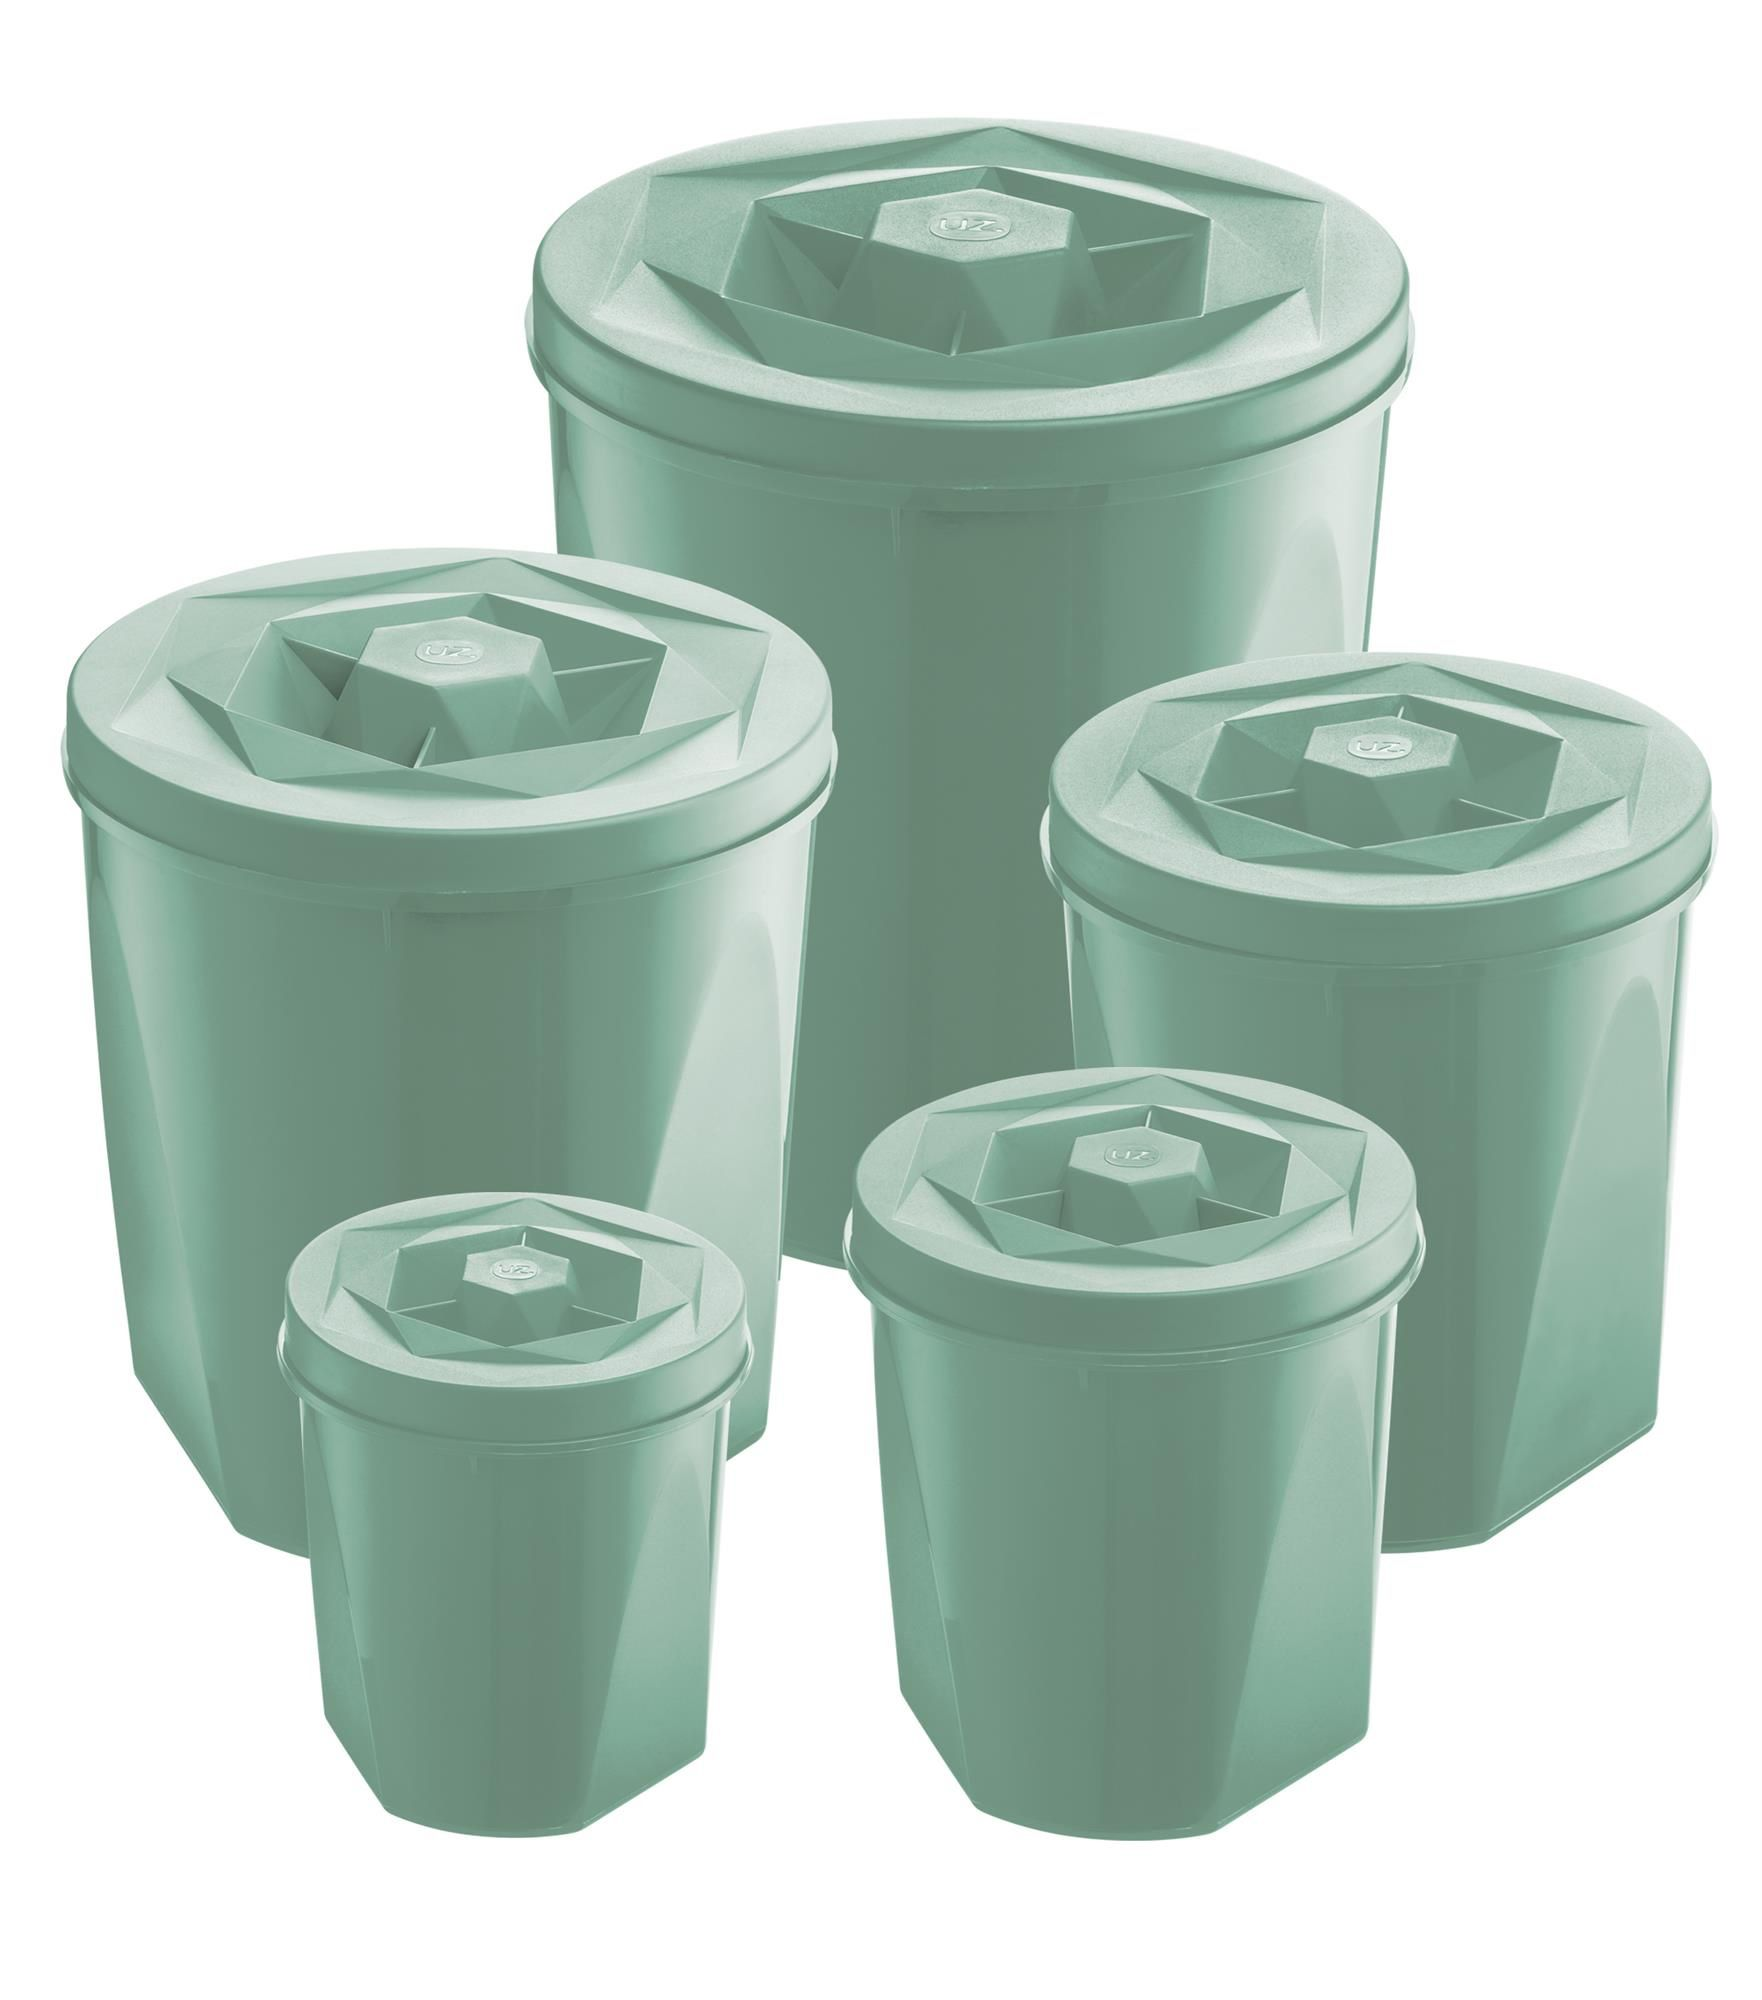 Jogo de Potes Porta Mantimentos 5 Peças Plástico Color Com Tampa de Rosca UZ Utilidades Verde